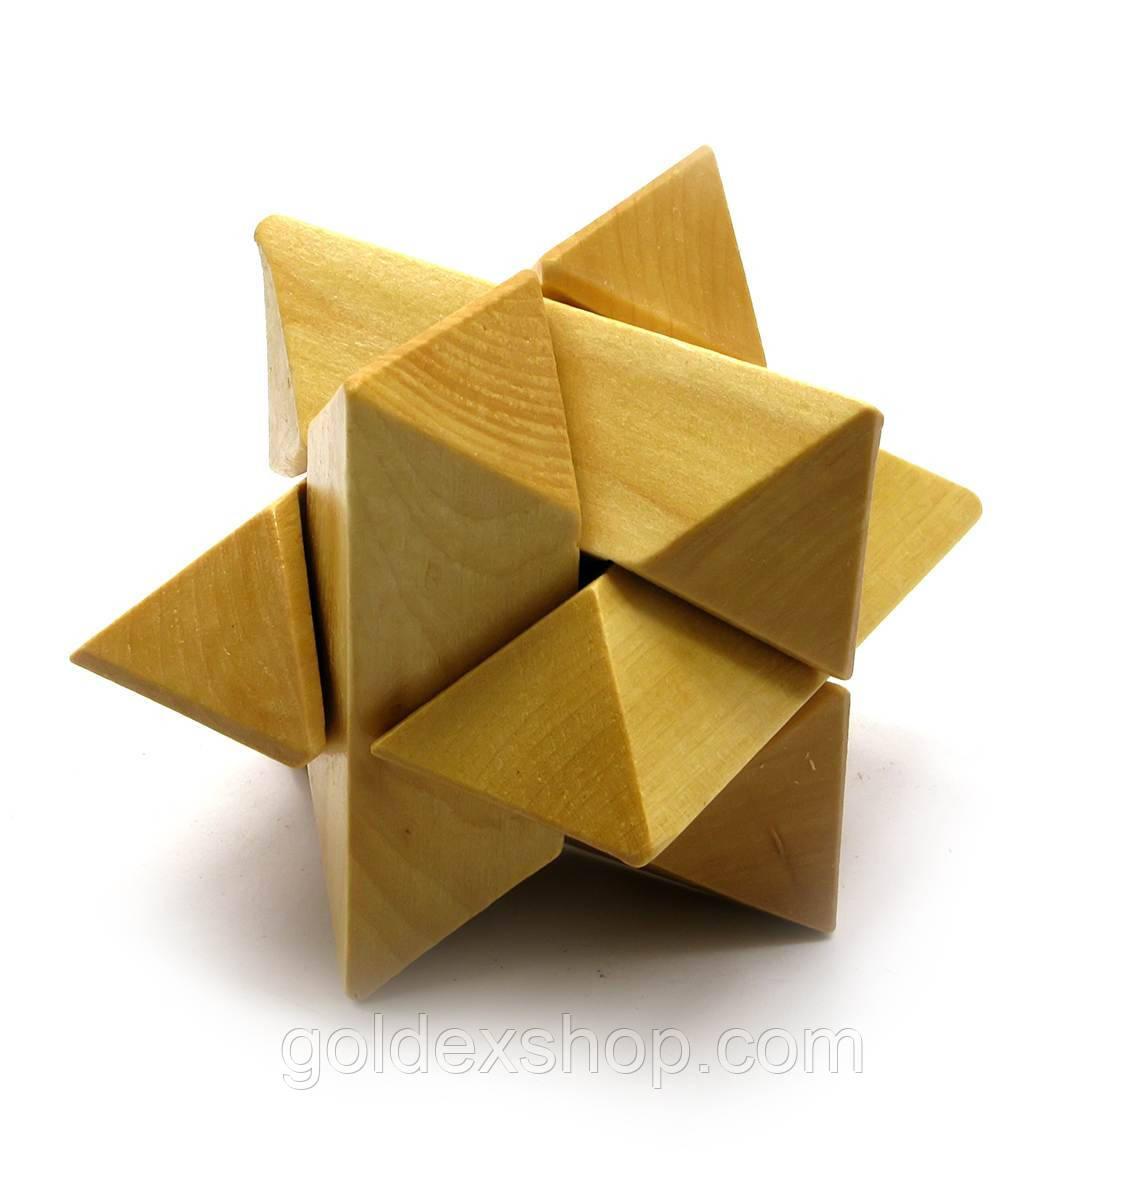 Головоломка деревянная (10х10х10 см)